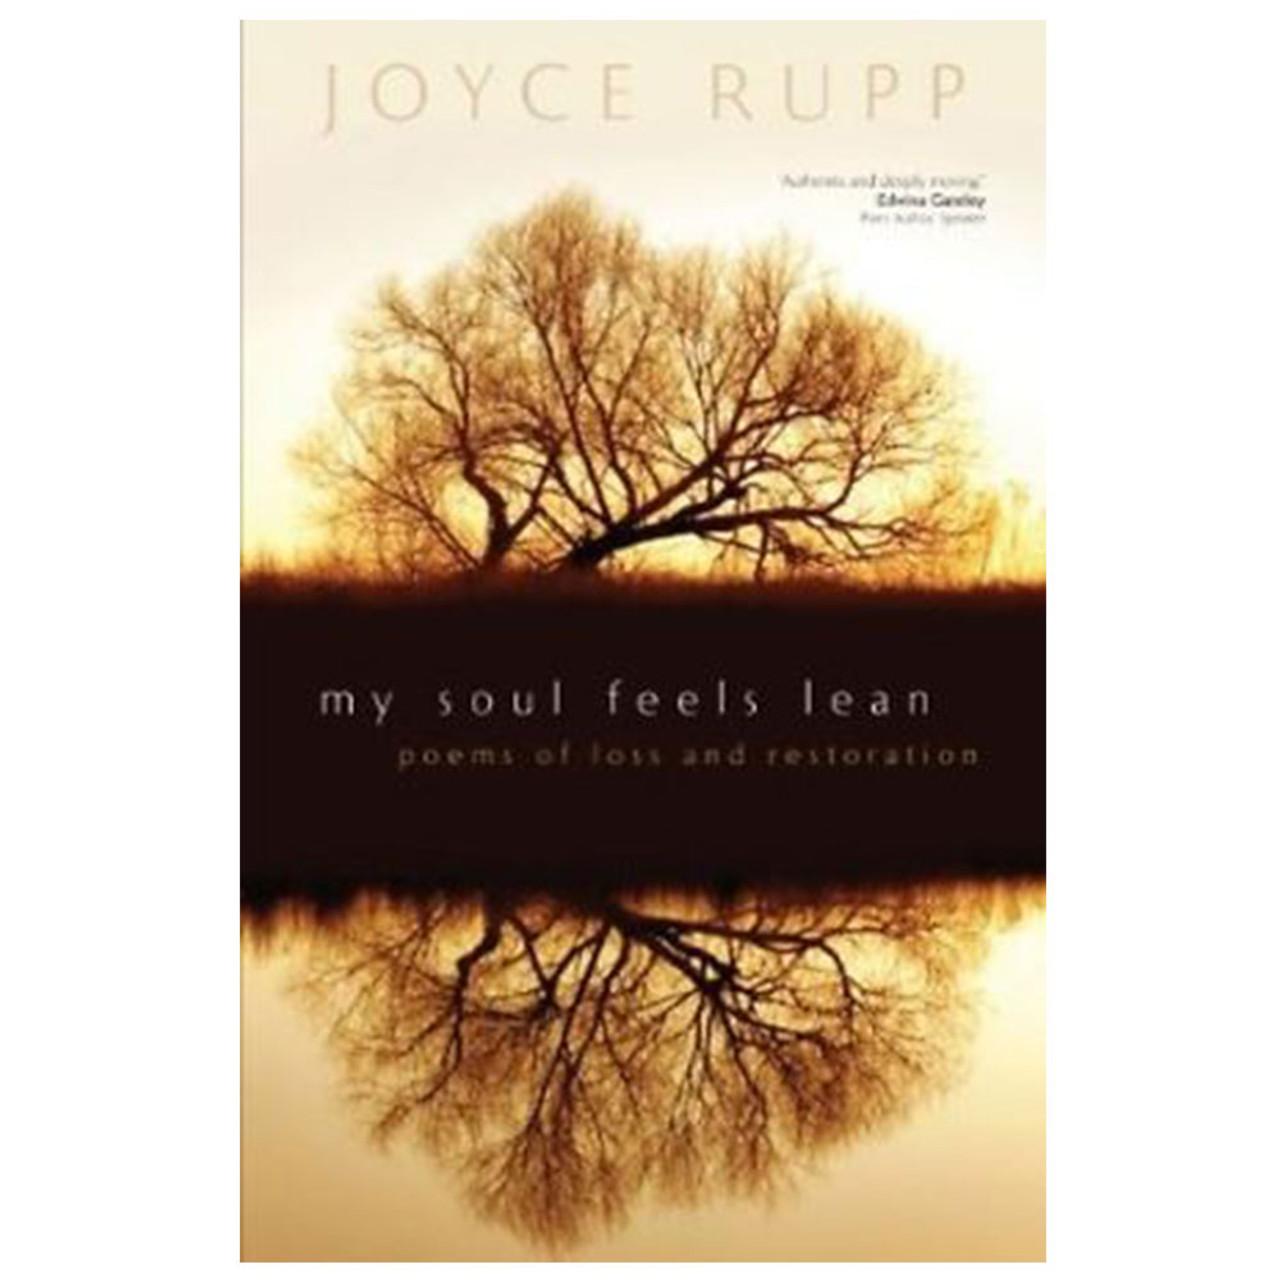 My Soul Feels Lean Rupp, Joyce